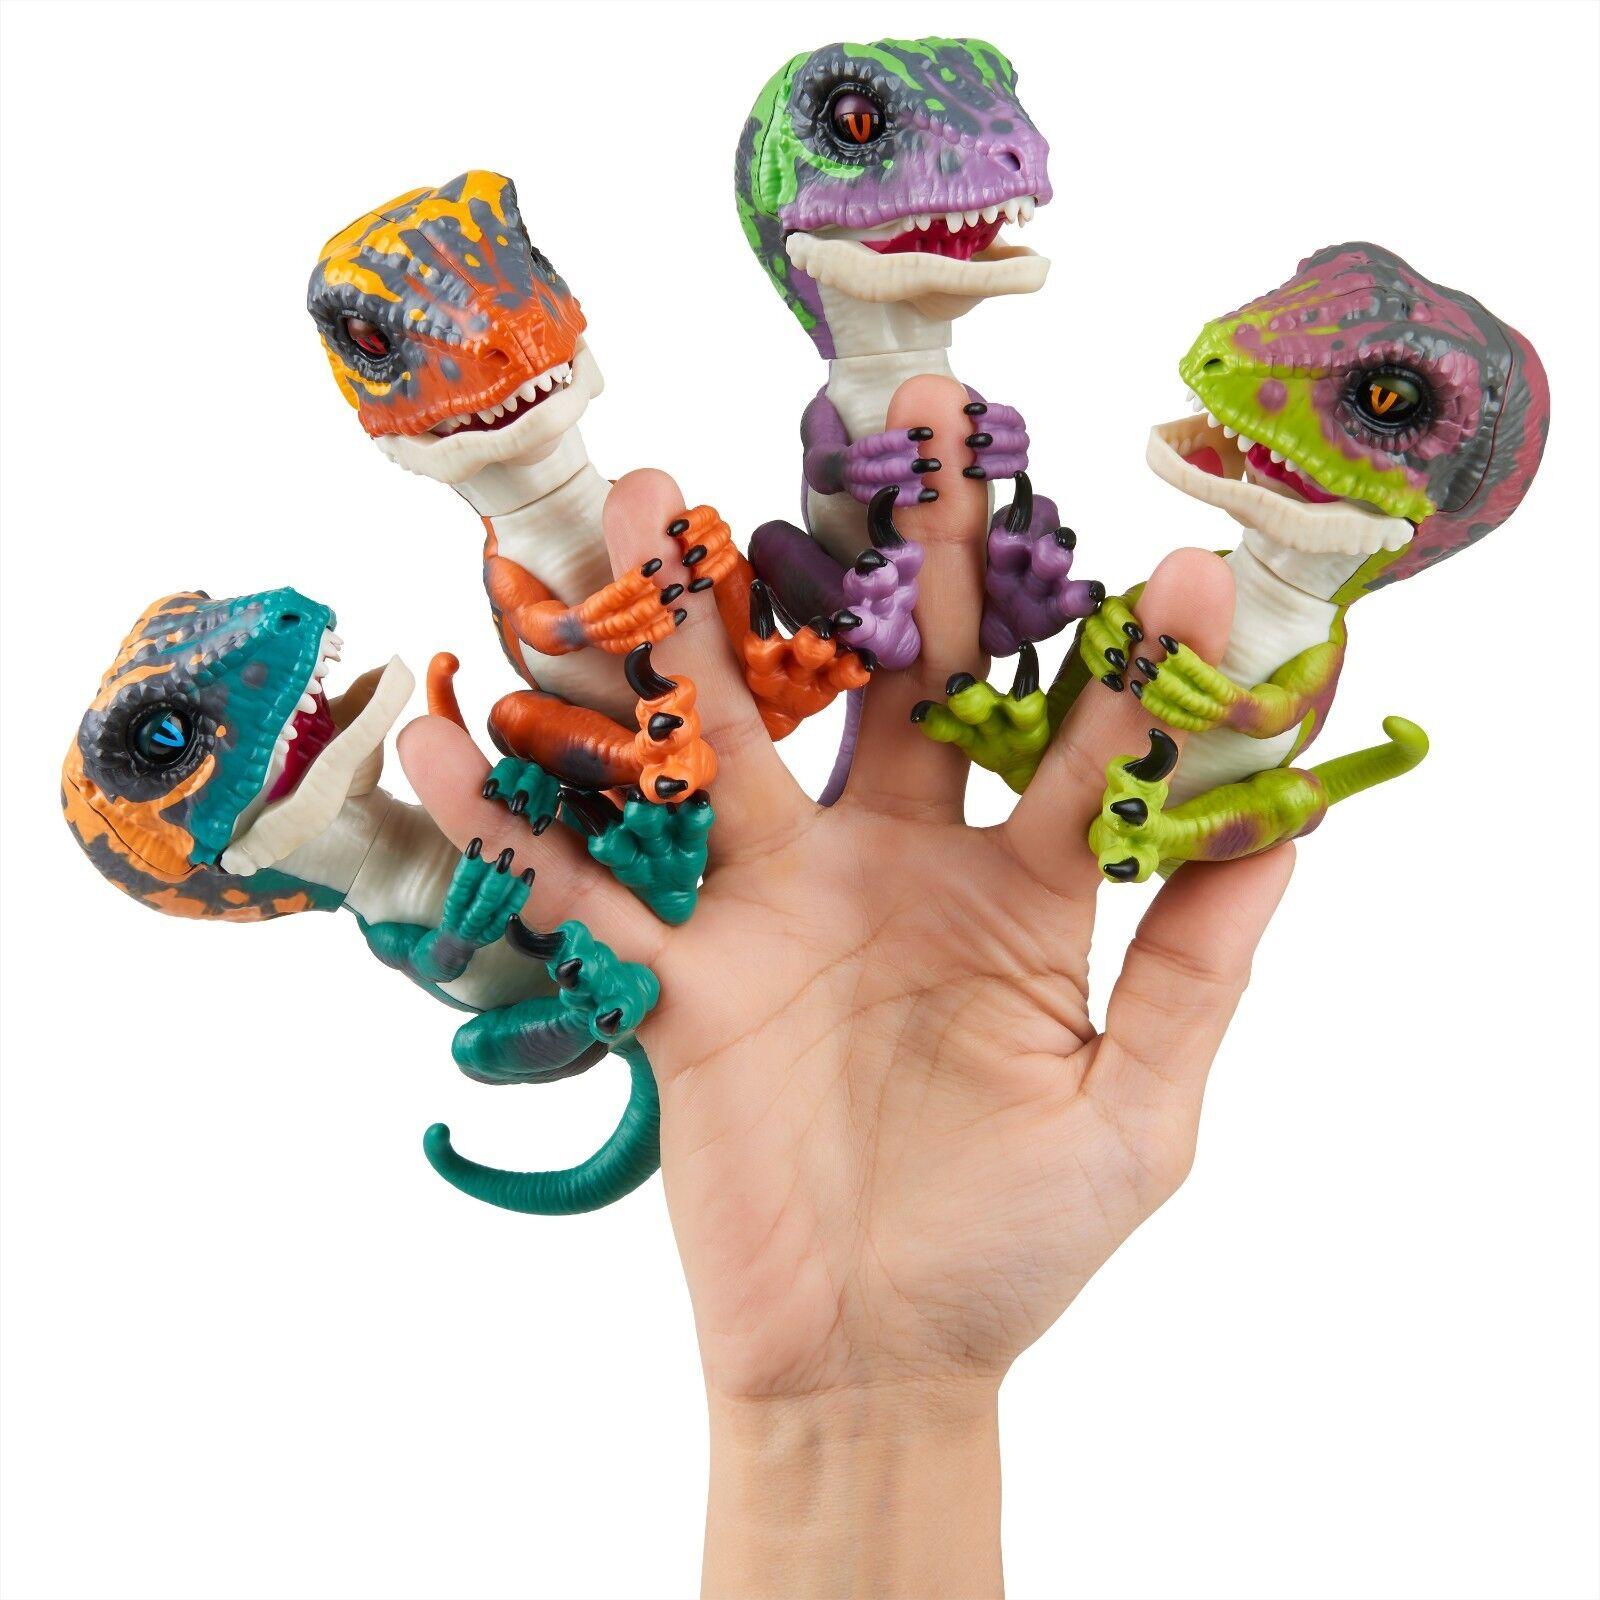 Reihe 4 wilden dinosaurier fingerlings raptor wut, blaze, list, rasierer wowwee